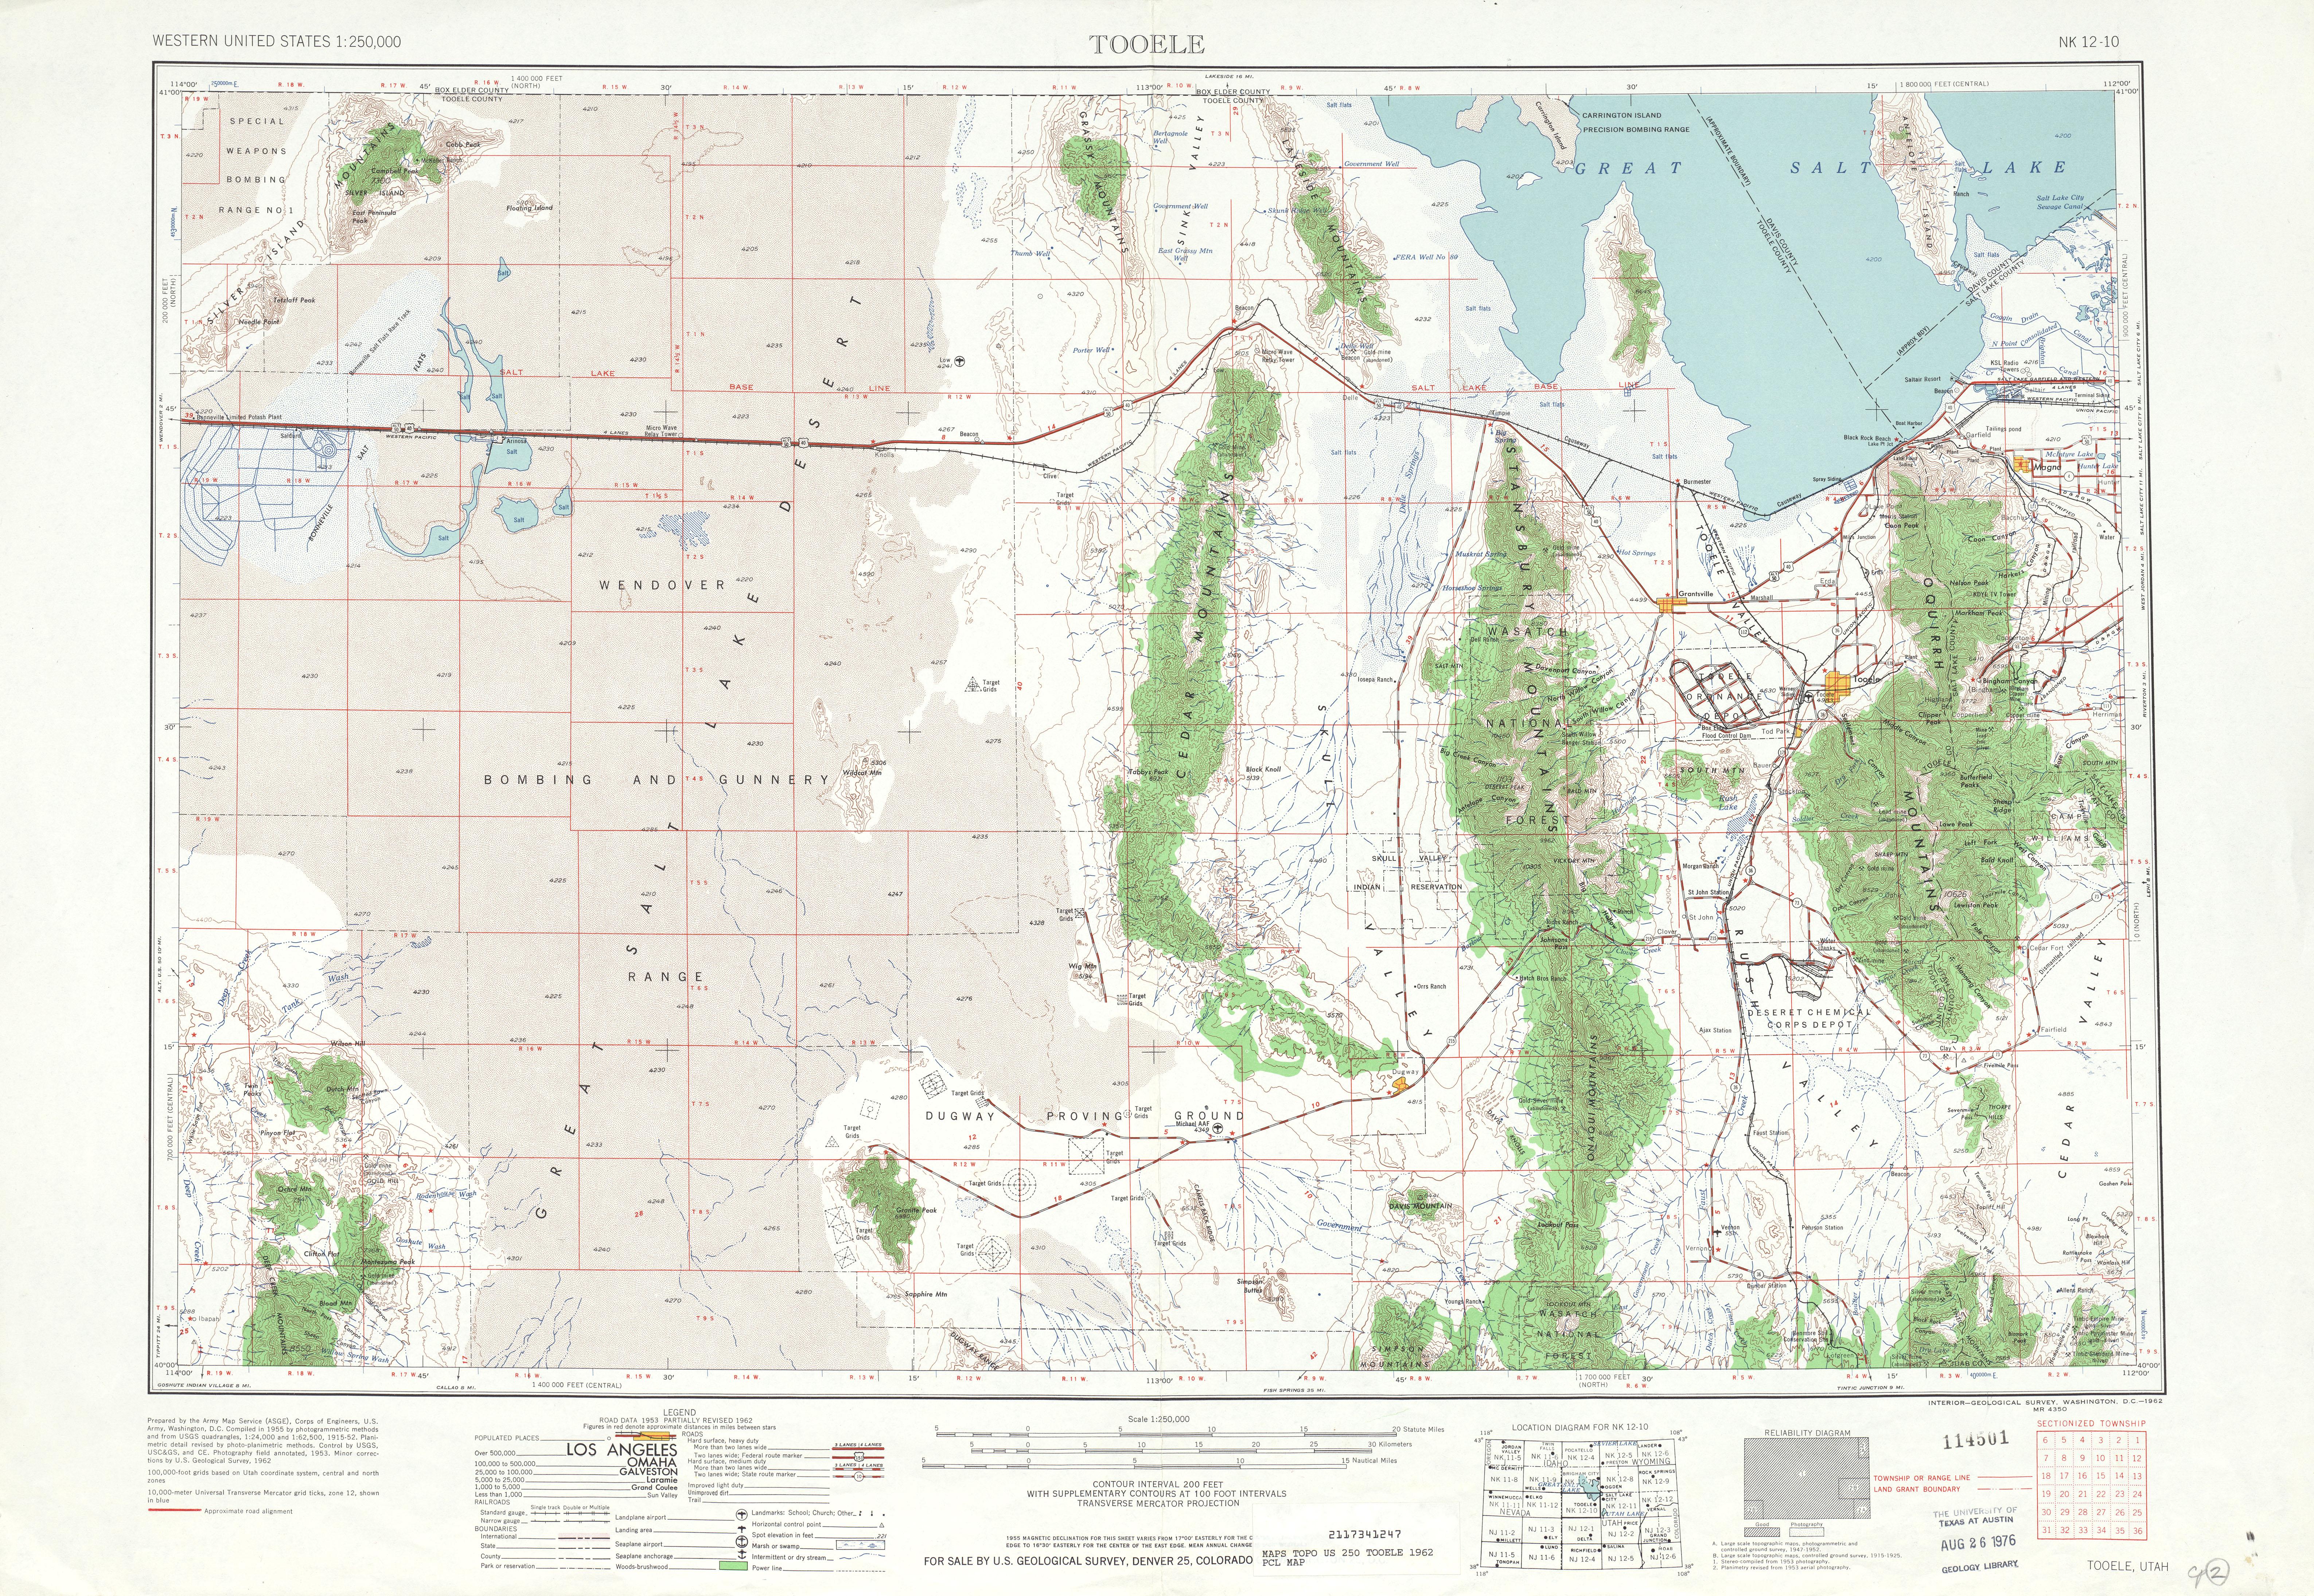 Hoja Tooele del Mapa Topográfico de los Estados Unidos 1962